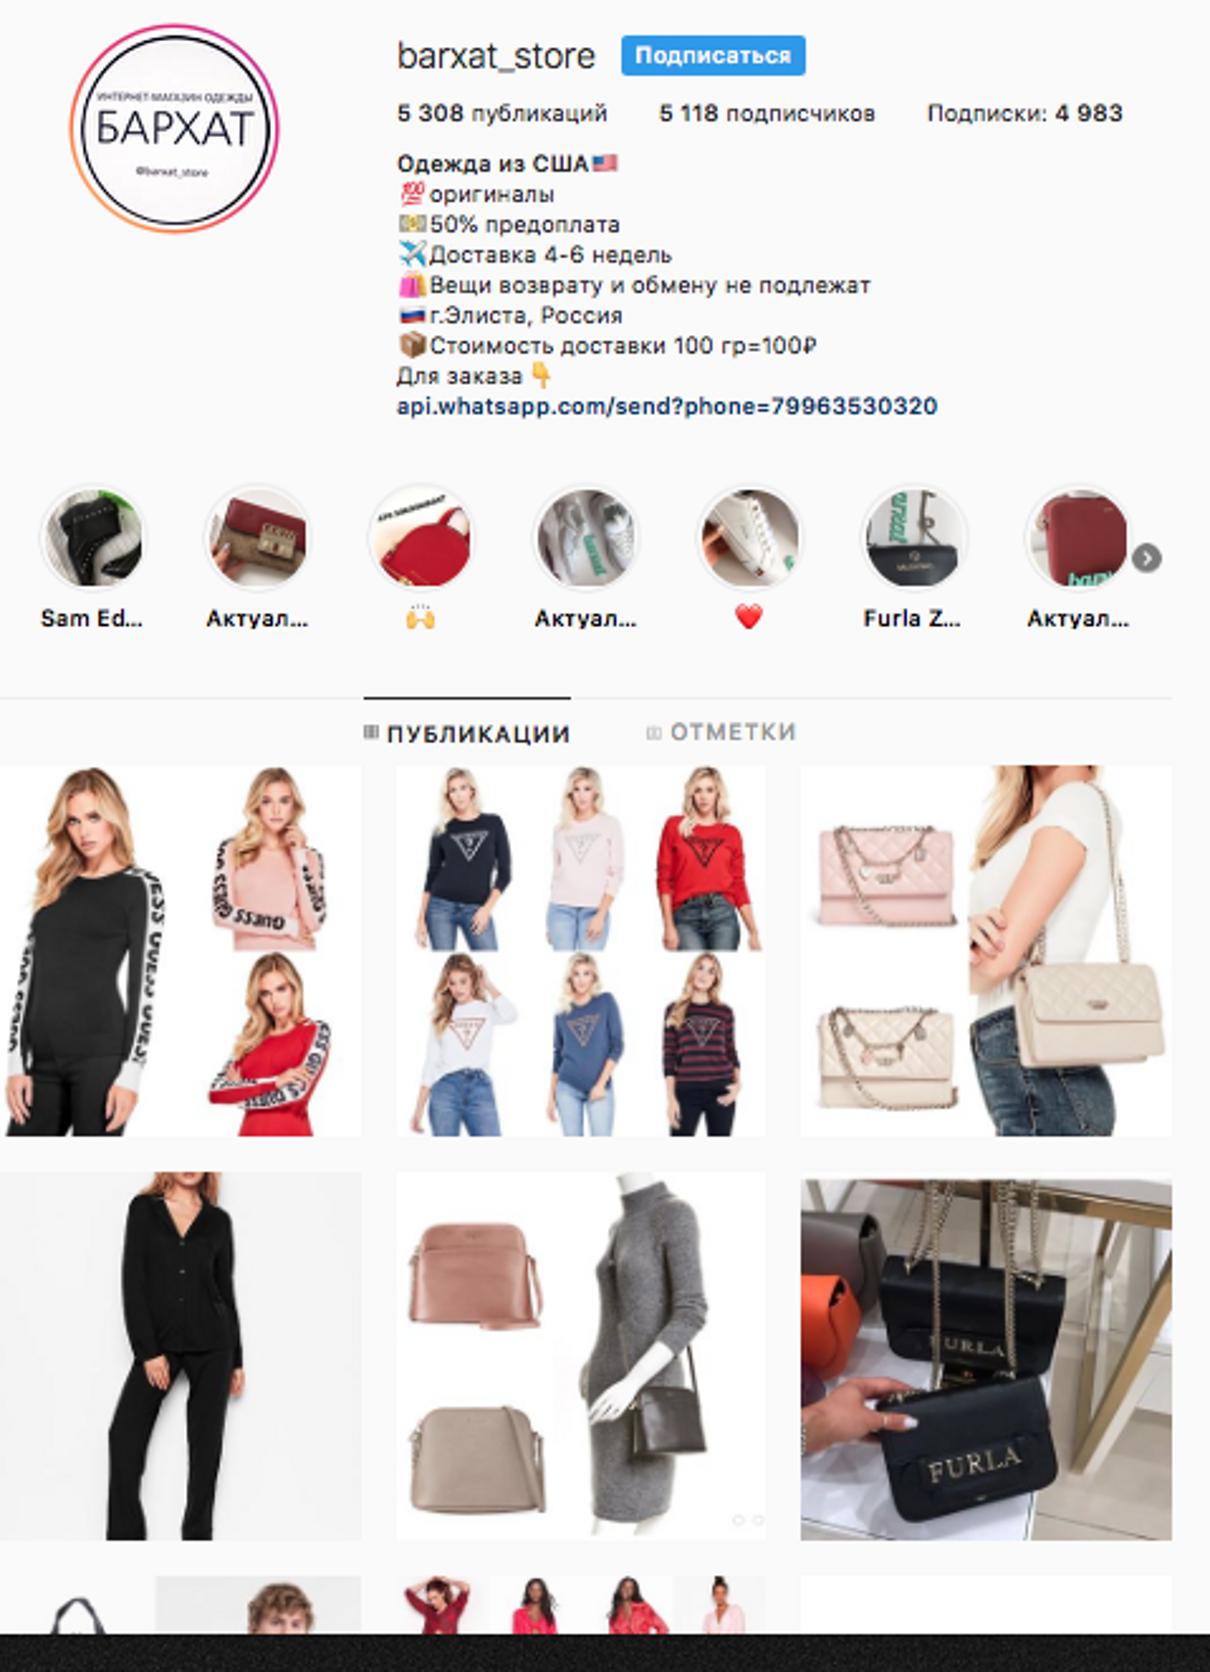 Жалоба-отзыв: Интеренет-магазин в instagram @barxat_store ДОСТАВКА ОДЕЖДЫ ИЗ АМЕРИКИ - НЕ ДОСТАВКА ПОСЫЛКИ ПРИ ПОЛНОЙ ОПЛАТЕ.  Фото №1